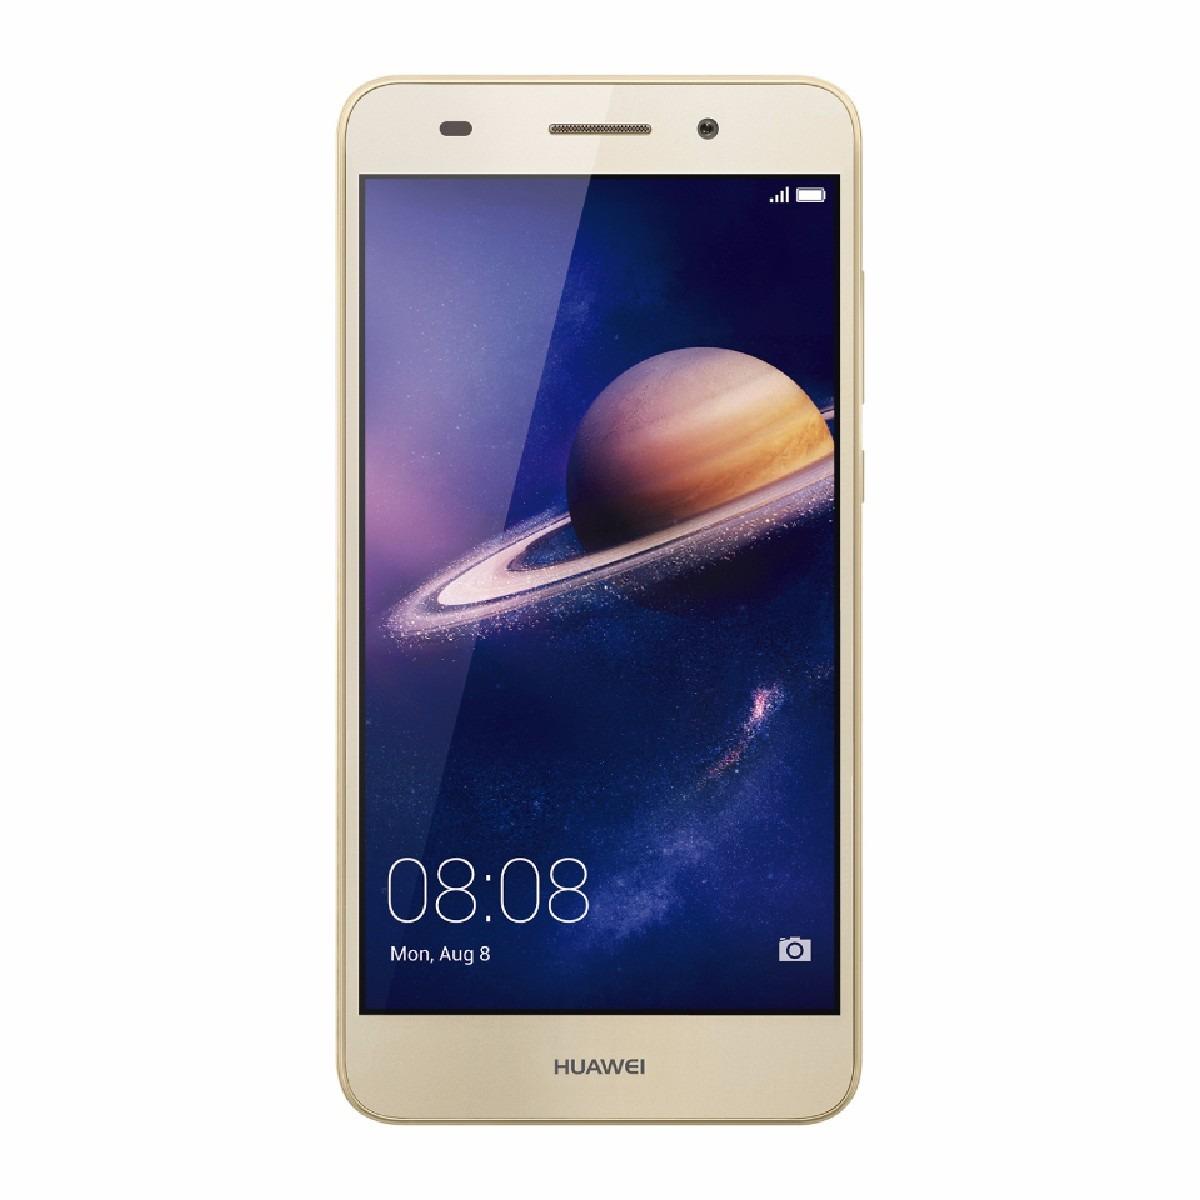 6eea461124b55 Celular Huawei Y6 Il 5.5¨ 16gb 13mp 8mp 4g -   443.900 en Mercado Libre